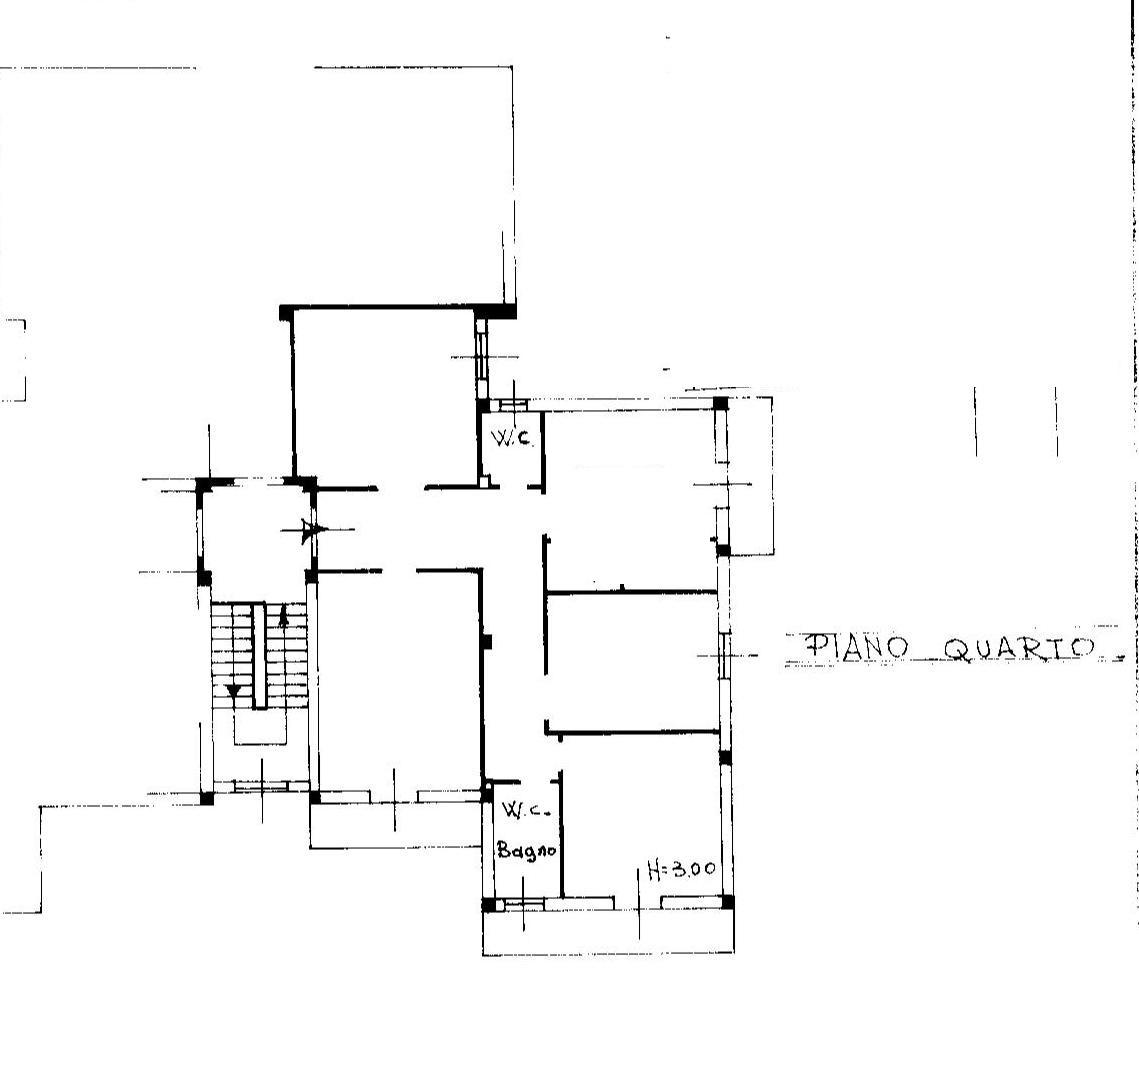 Appartamento in vendita, rif. 646 (Planimetria 1/1)